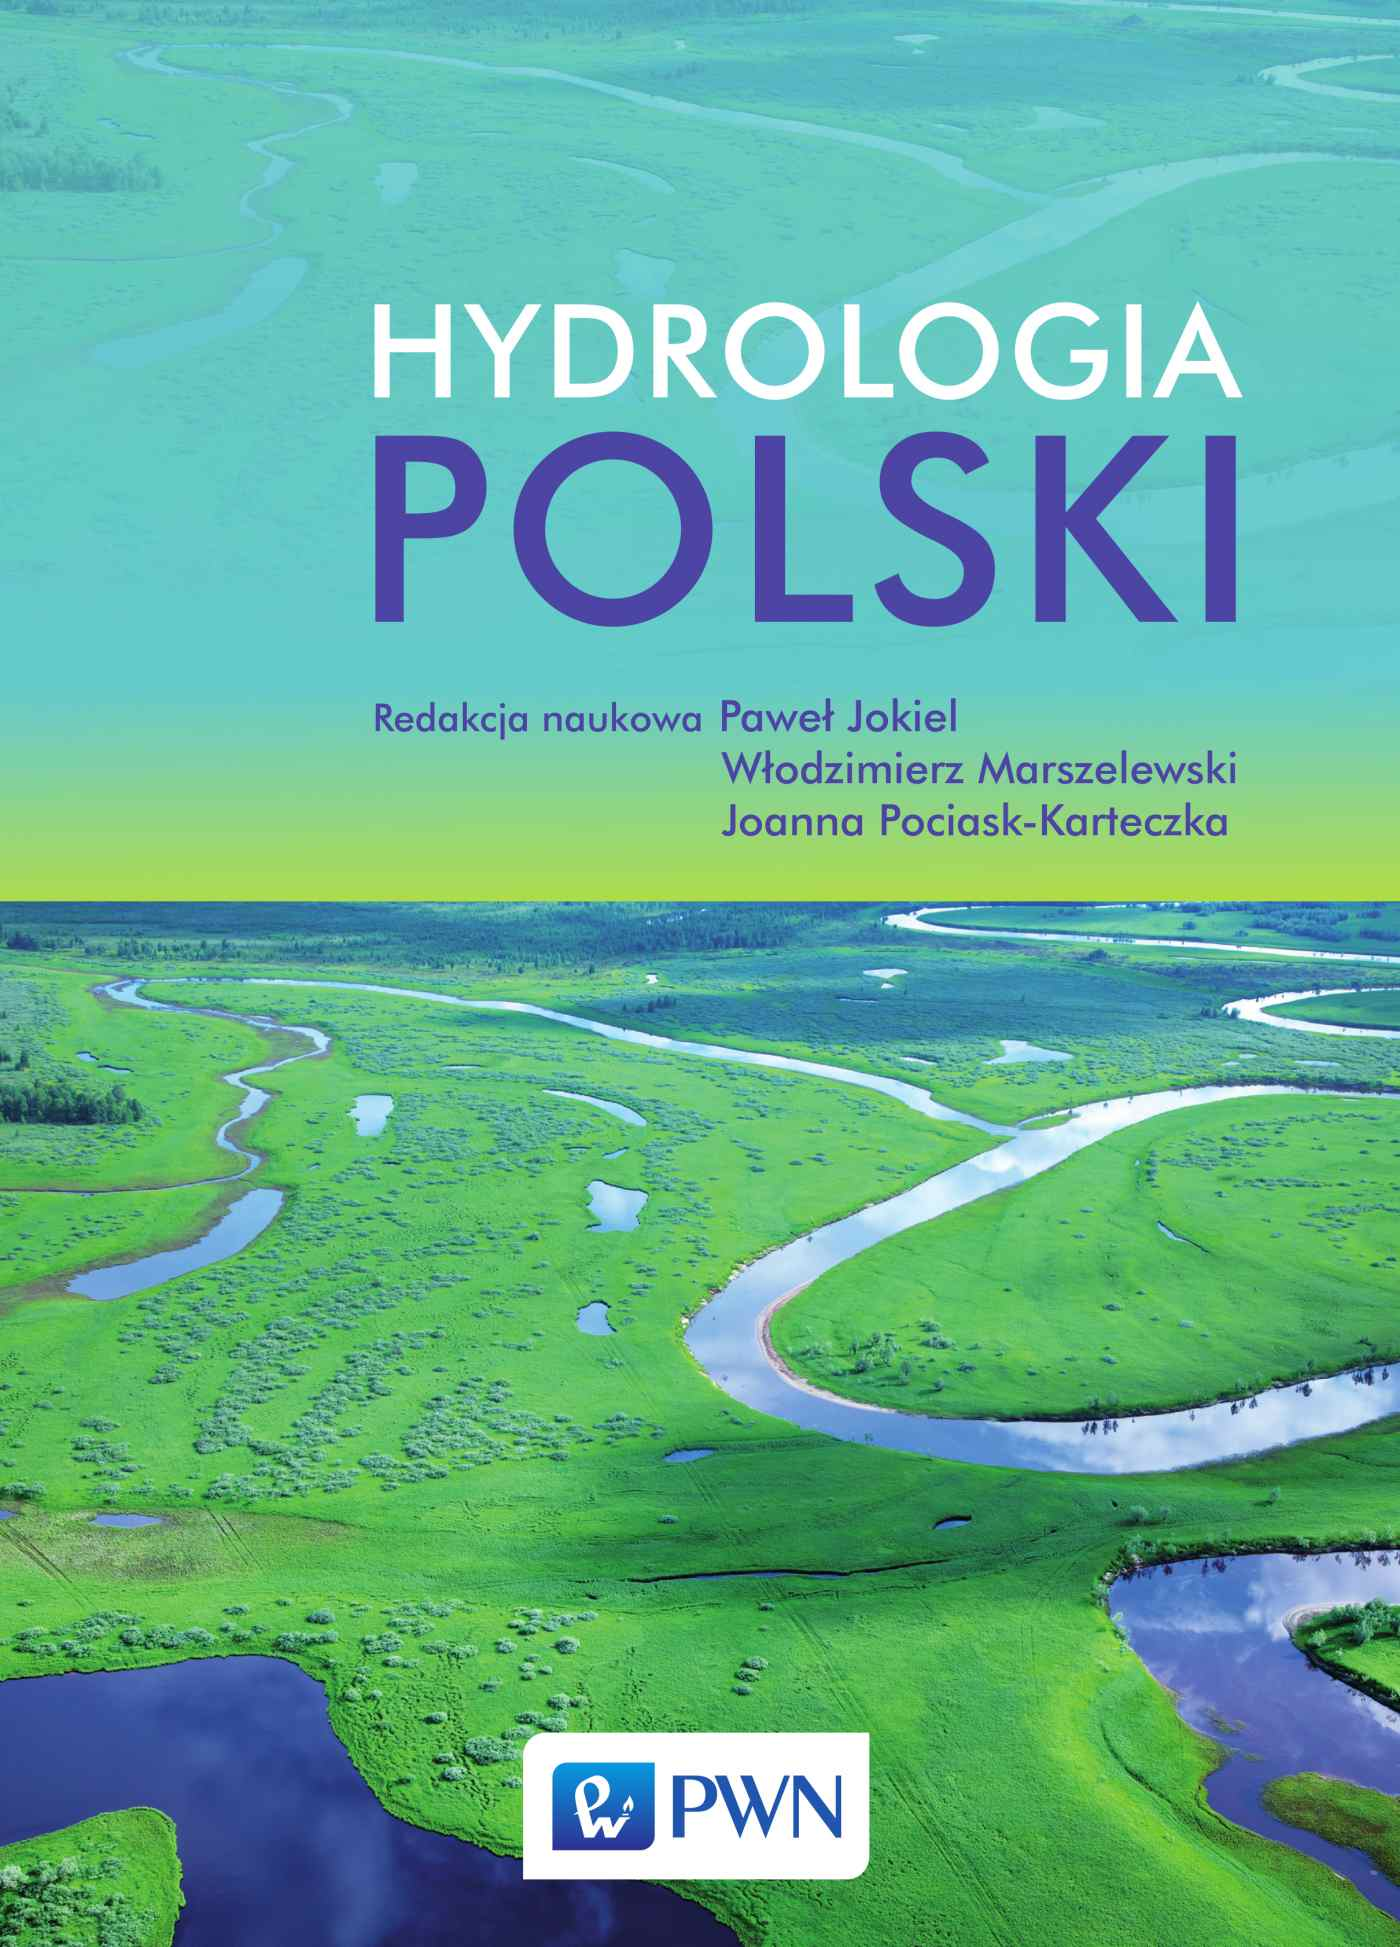 Hydrologia Polski - Ebook (Książka na Kindle) do pobrania w formacie MOBI